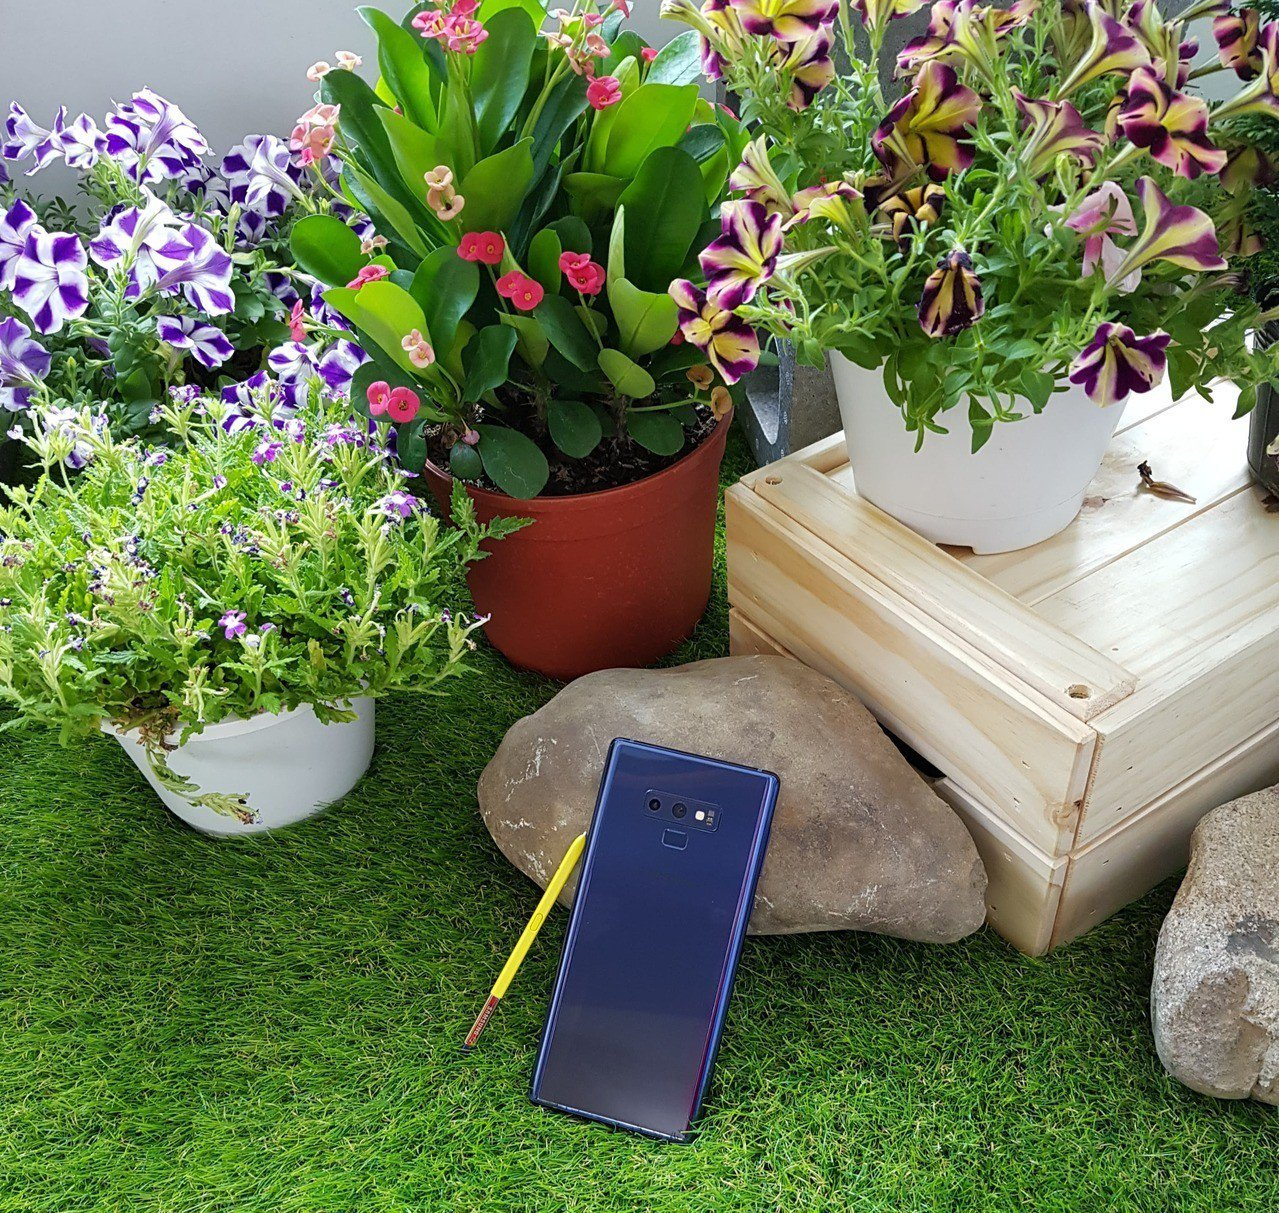 Samsung Galaxy Note 9湛海藍採用大膽撞色設計,配備黃色S P...